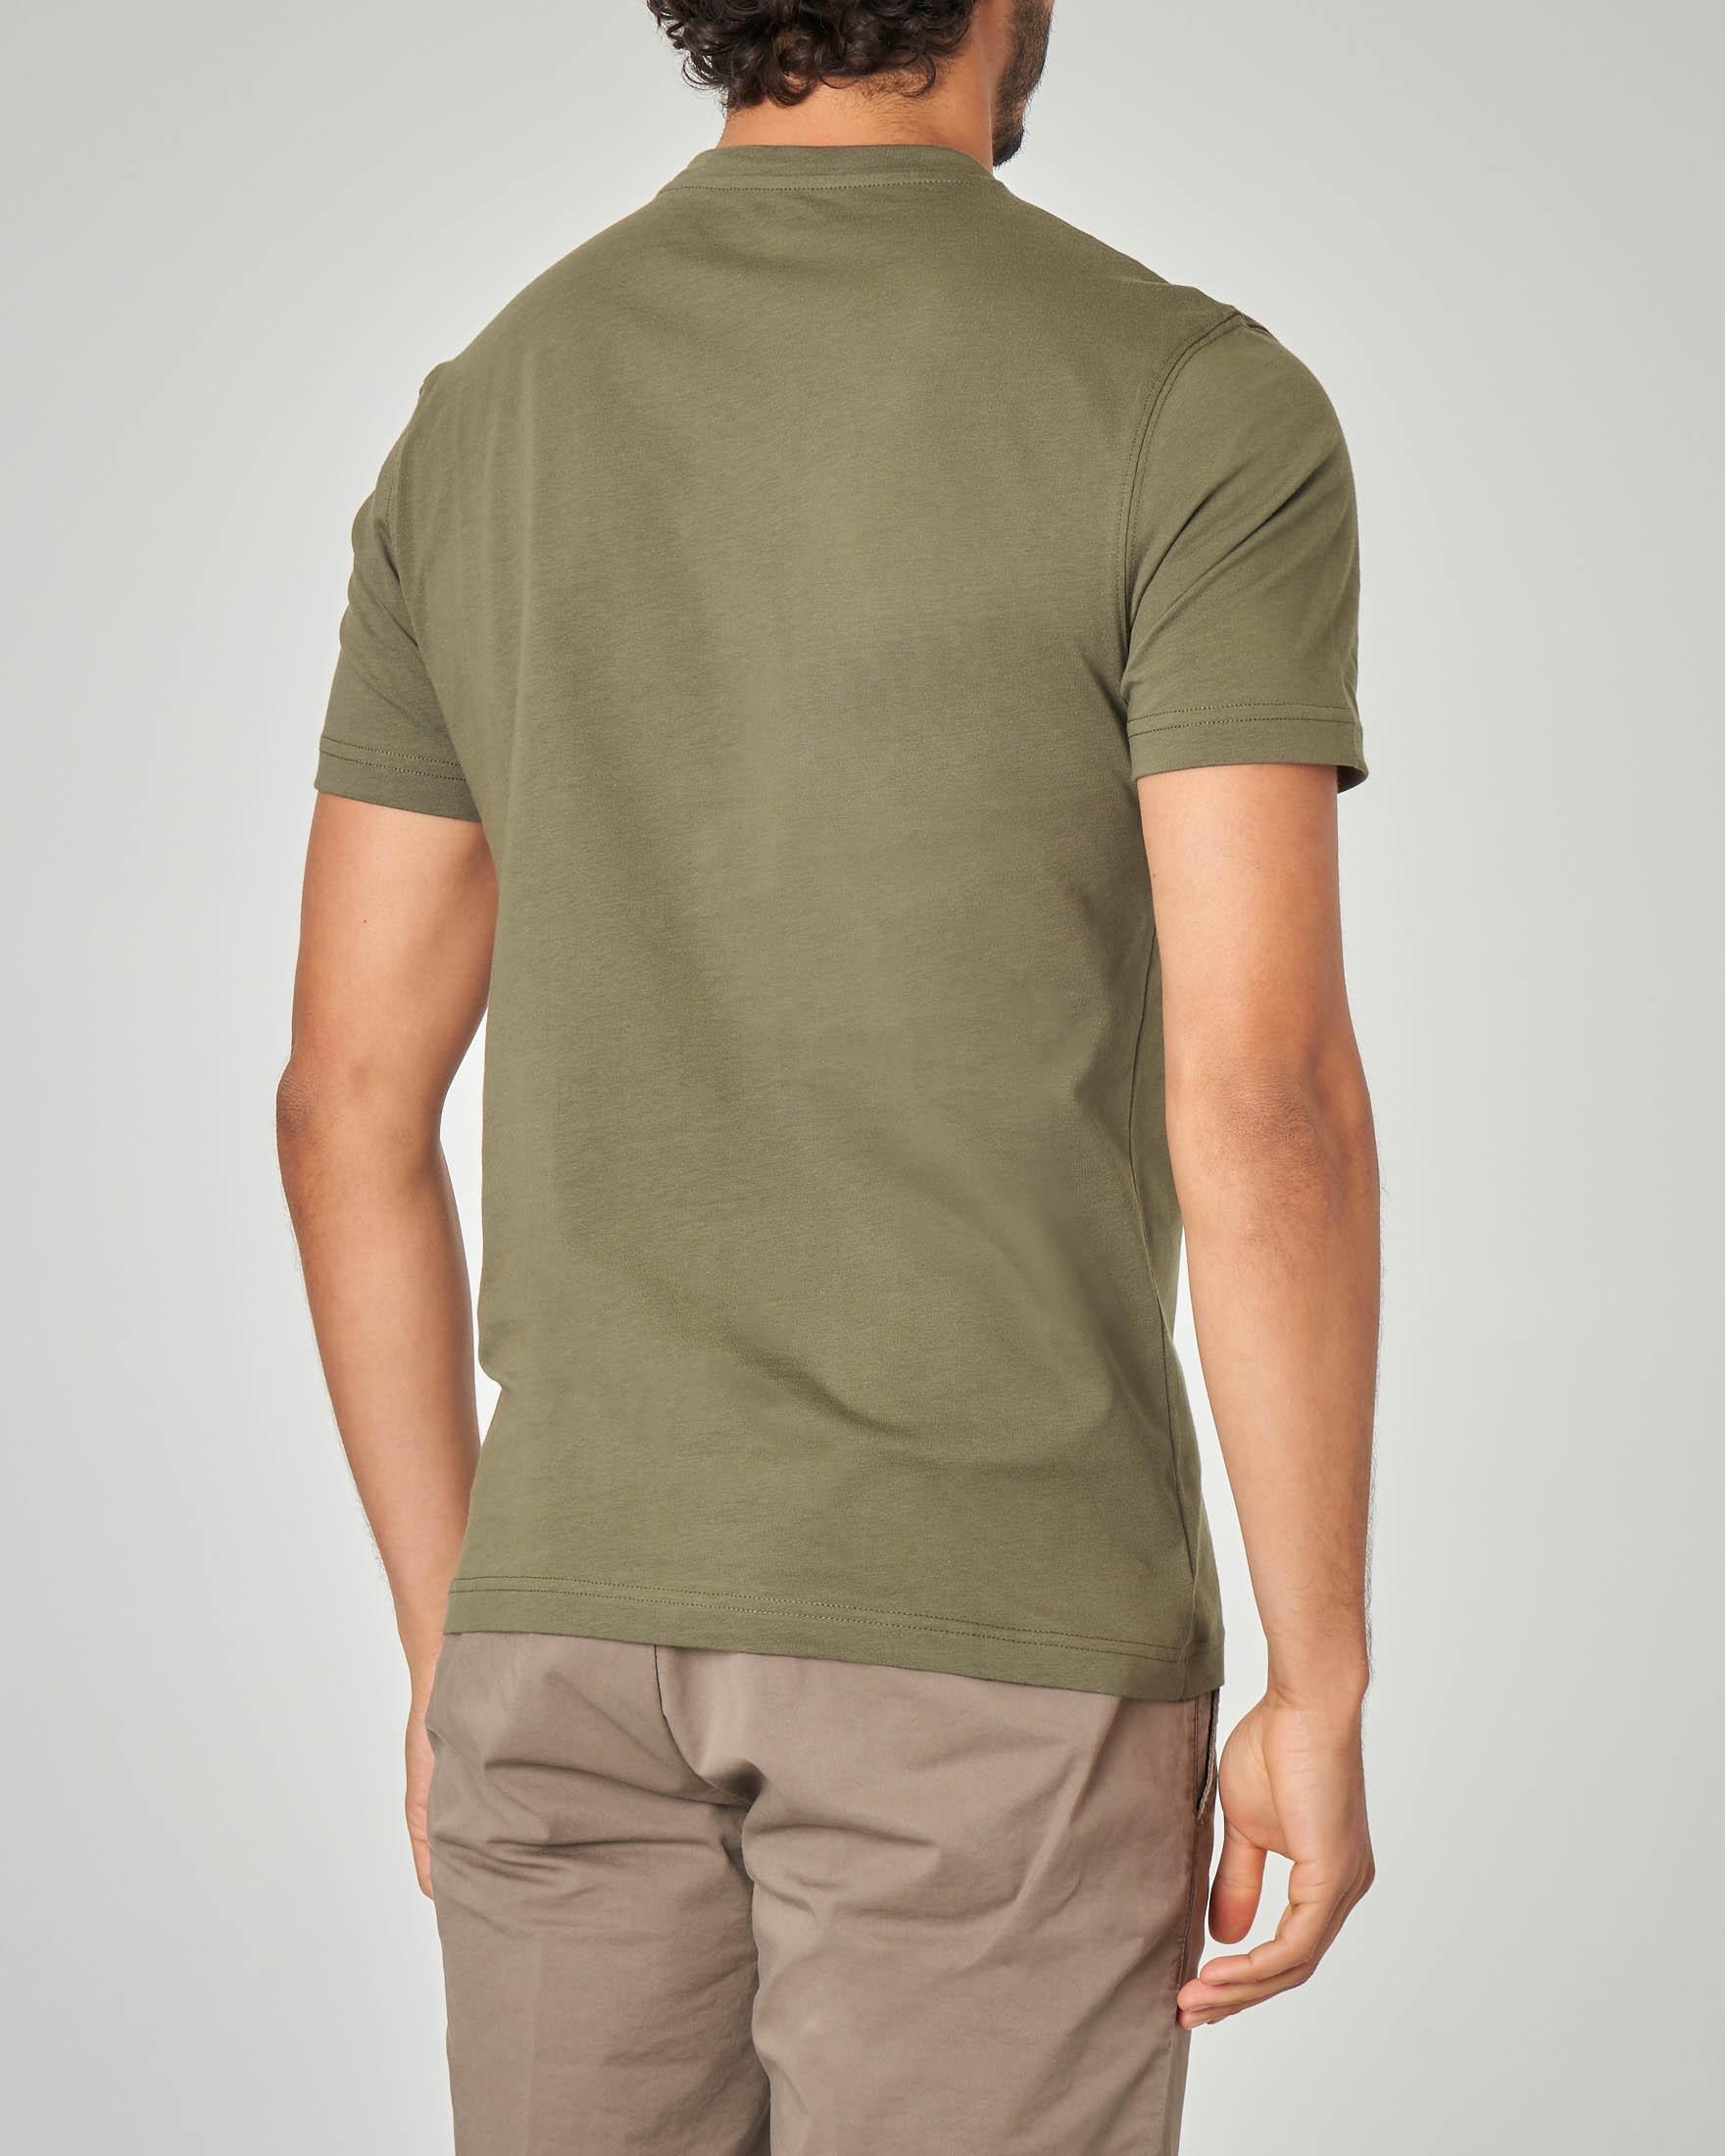 T-shirt verde militare con logo rosso stampato